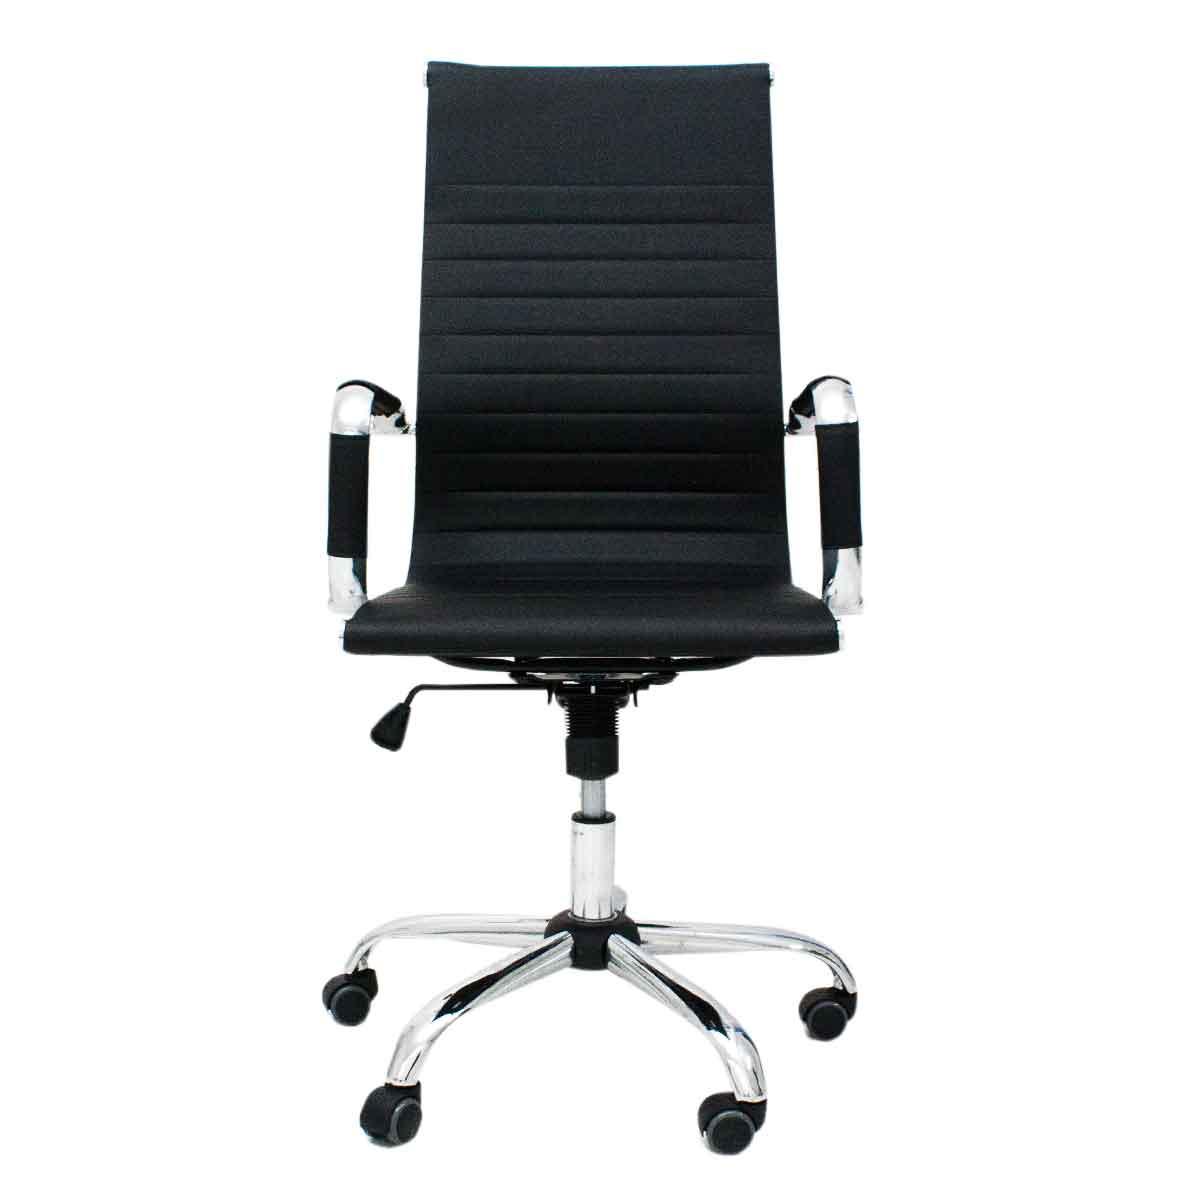 Cadeira Escritório Presidente Giratória Executiva Encosto Alto Charles Eames